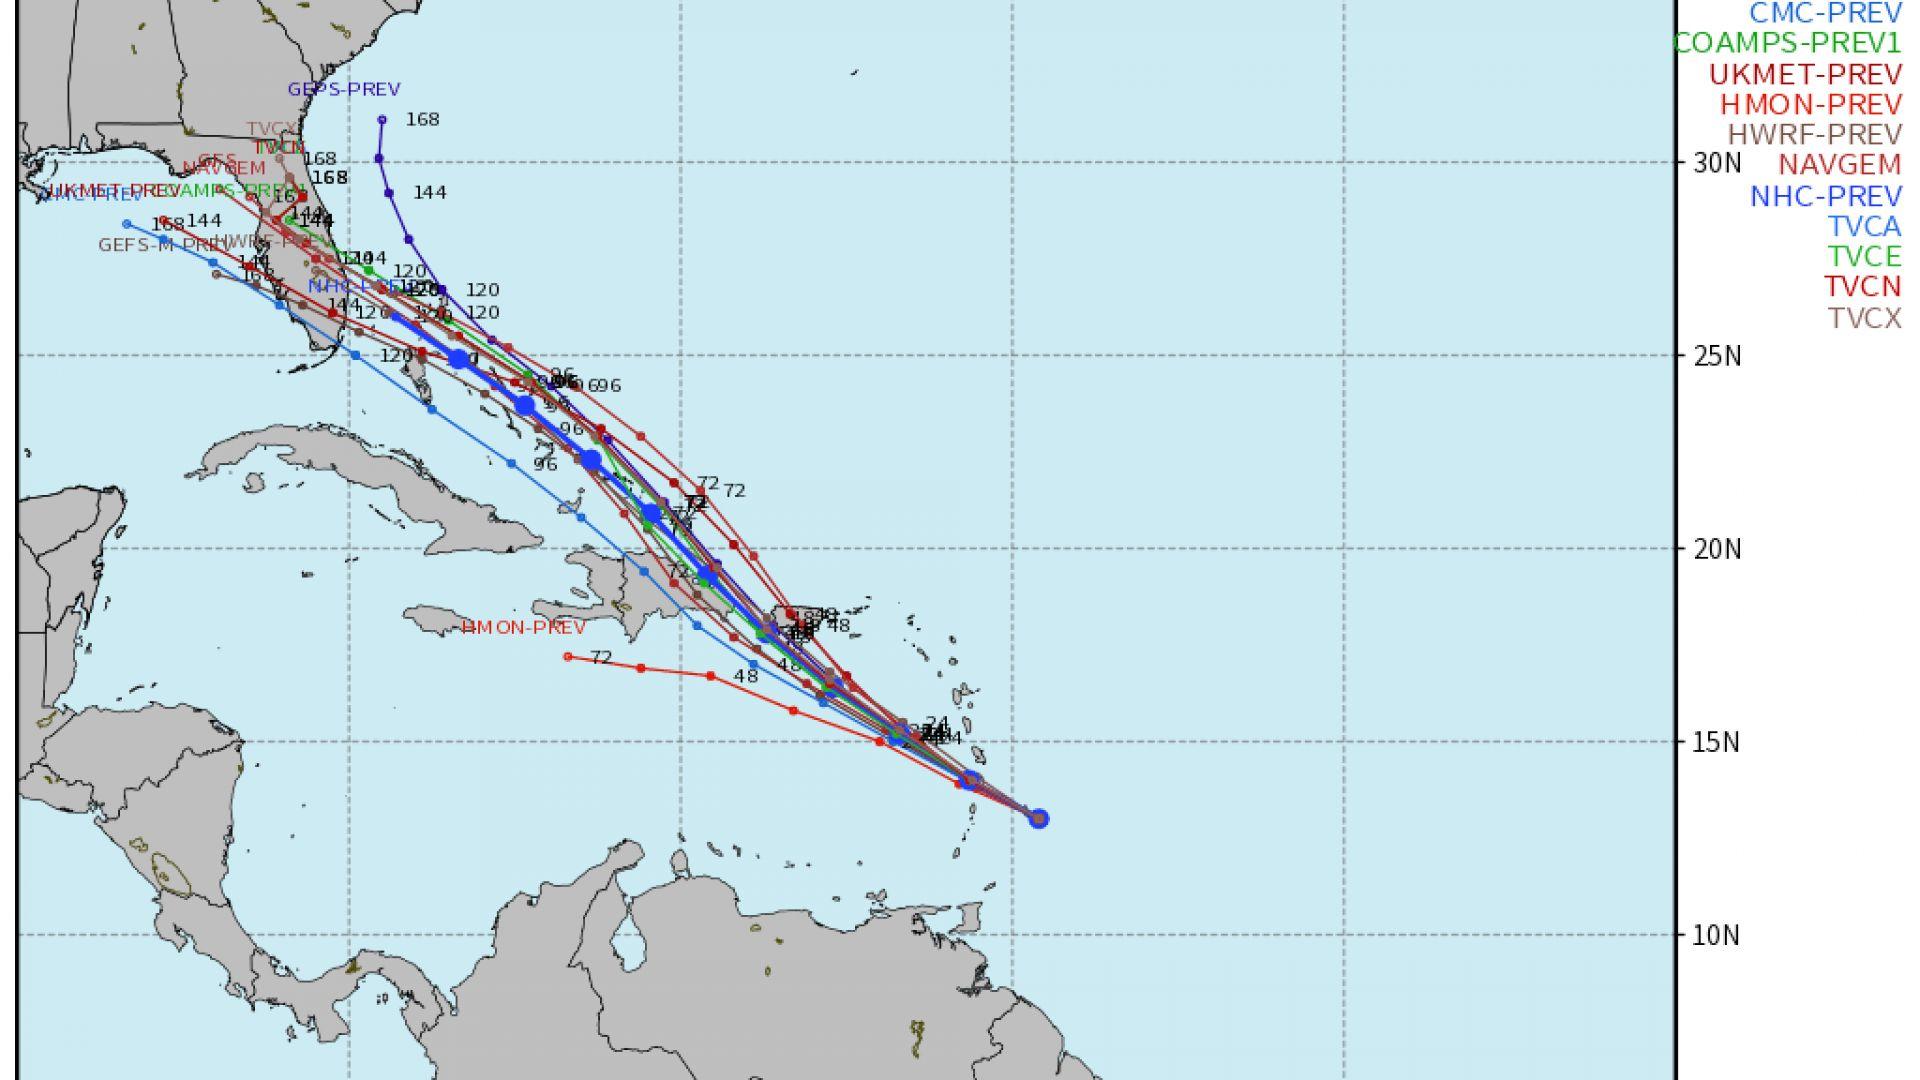 """има и сценарии, в които той ще засегне периферно Флорида или ще """"завие"""" на североизток към открити води"""